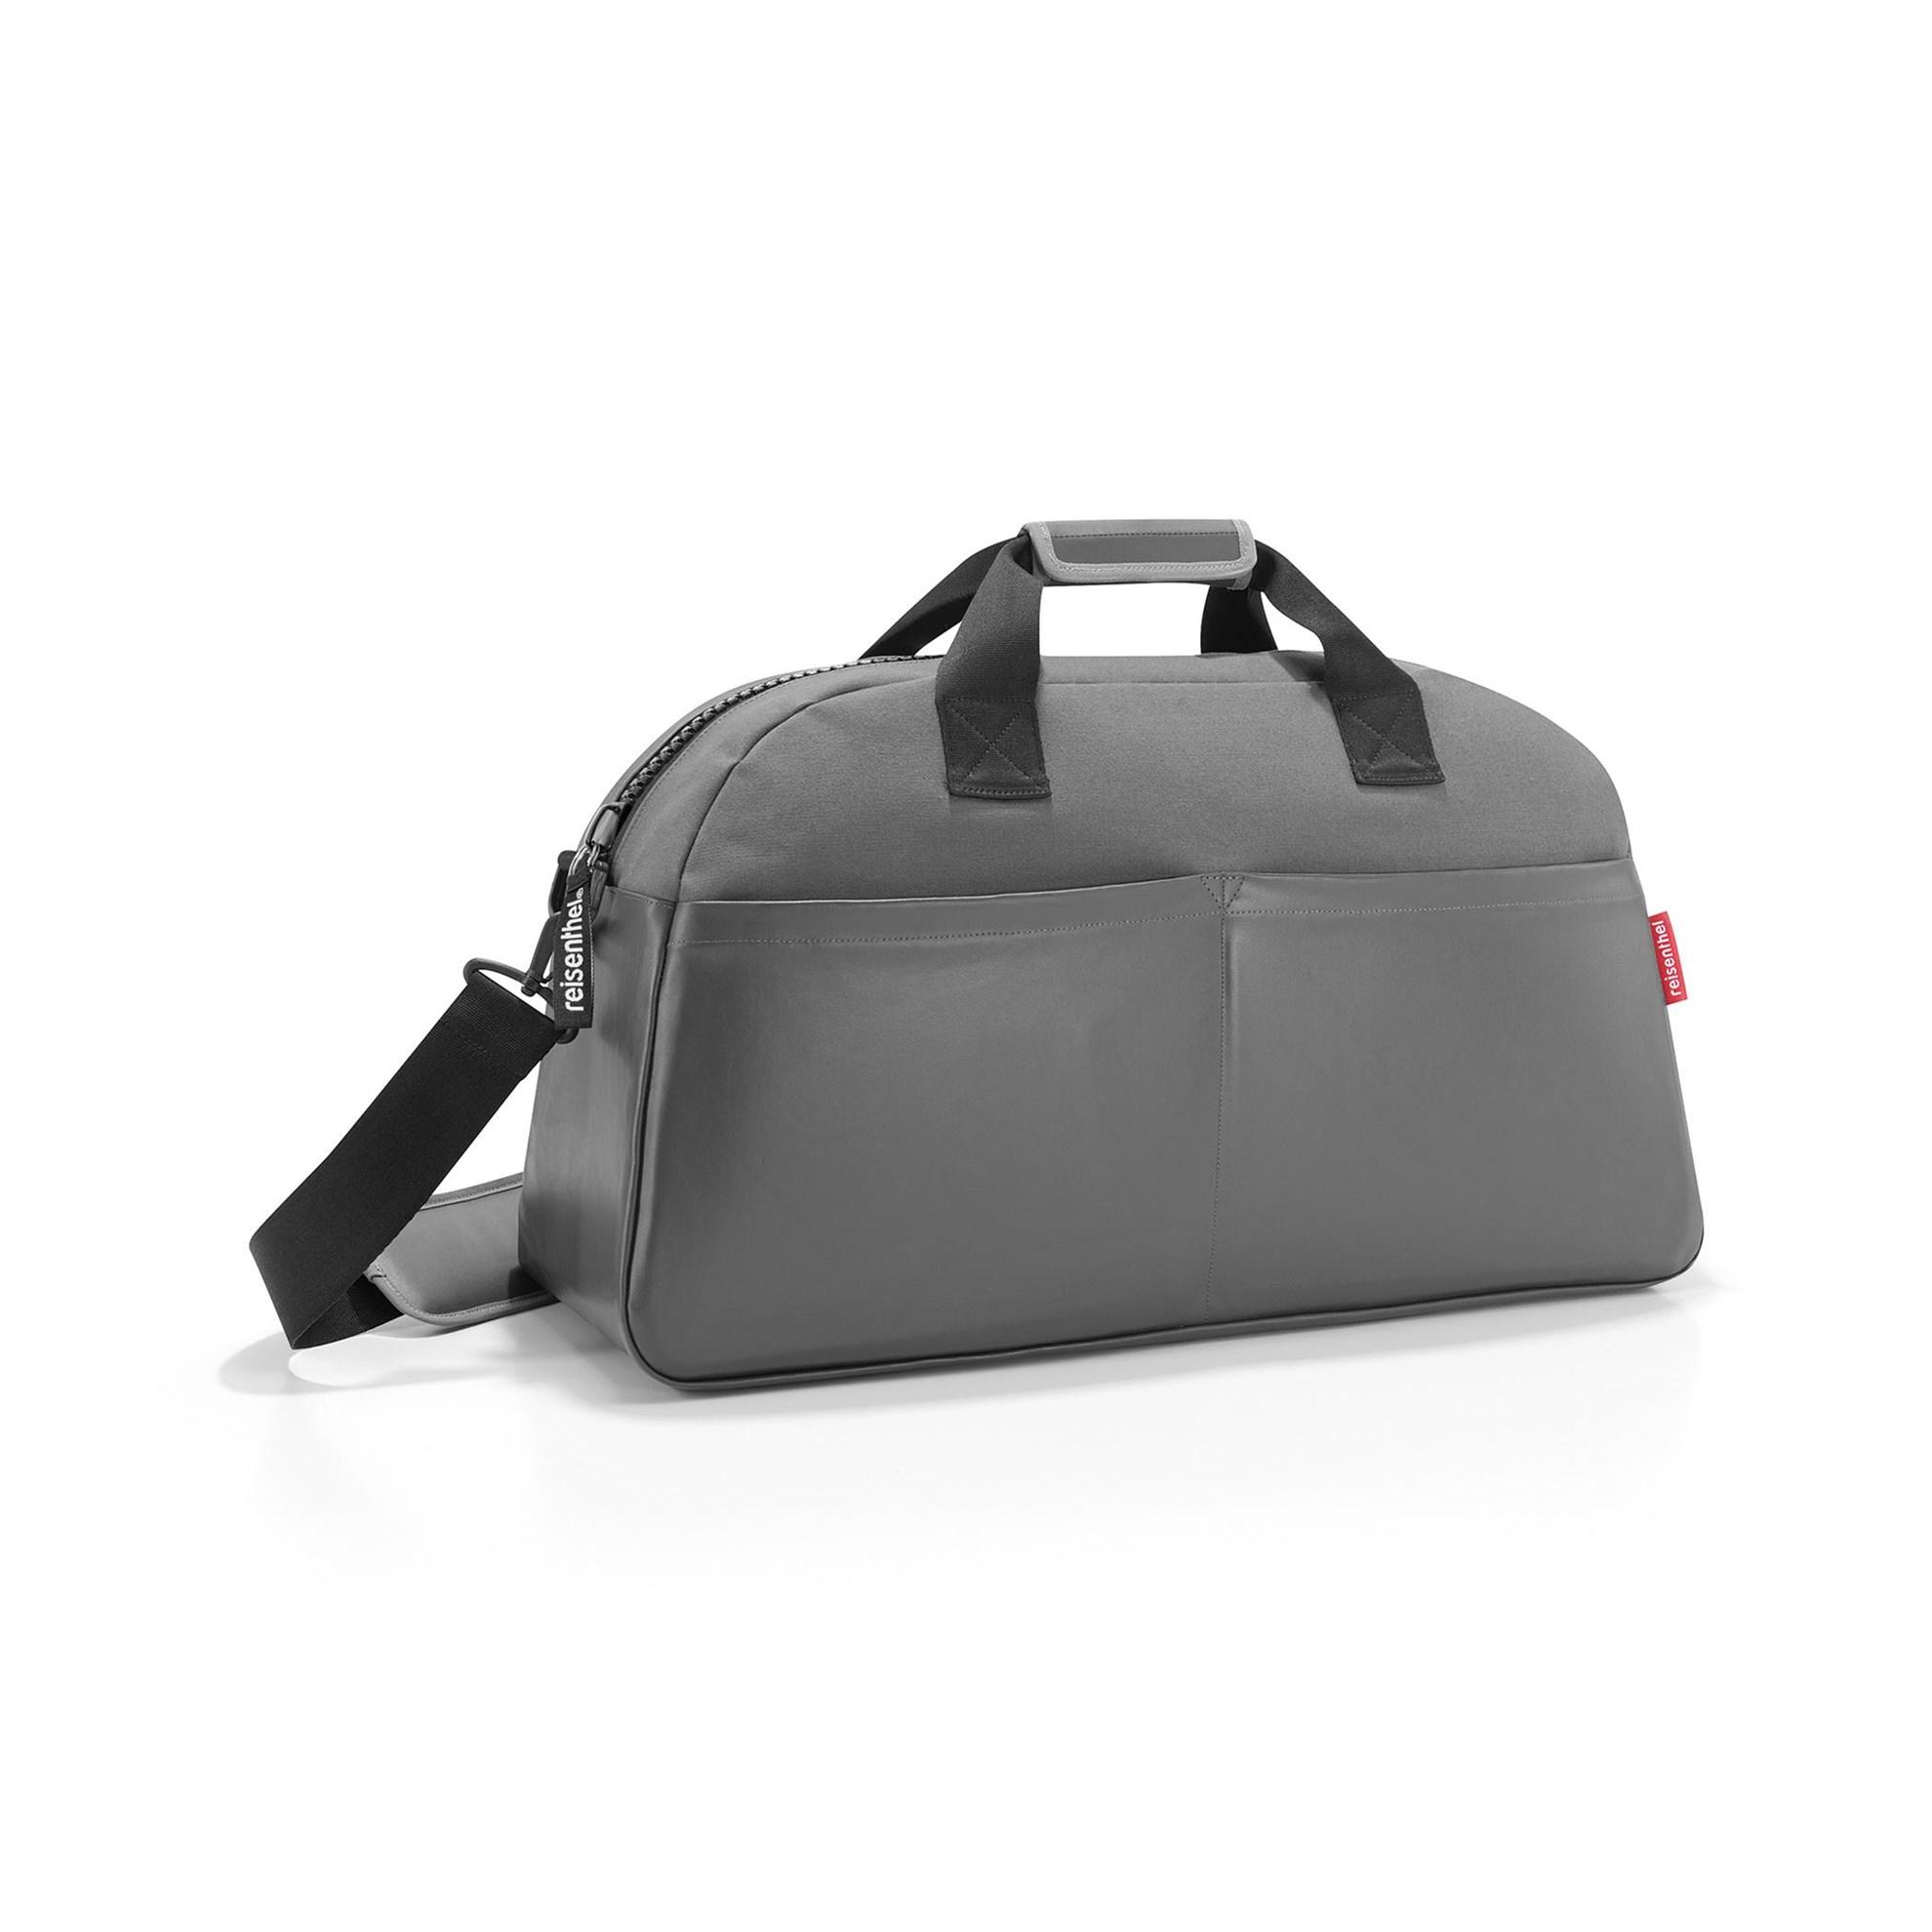 Cestovní taška OVERNIGHTER canvas grey_2